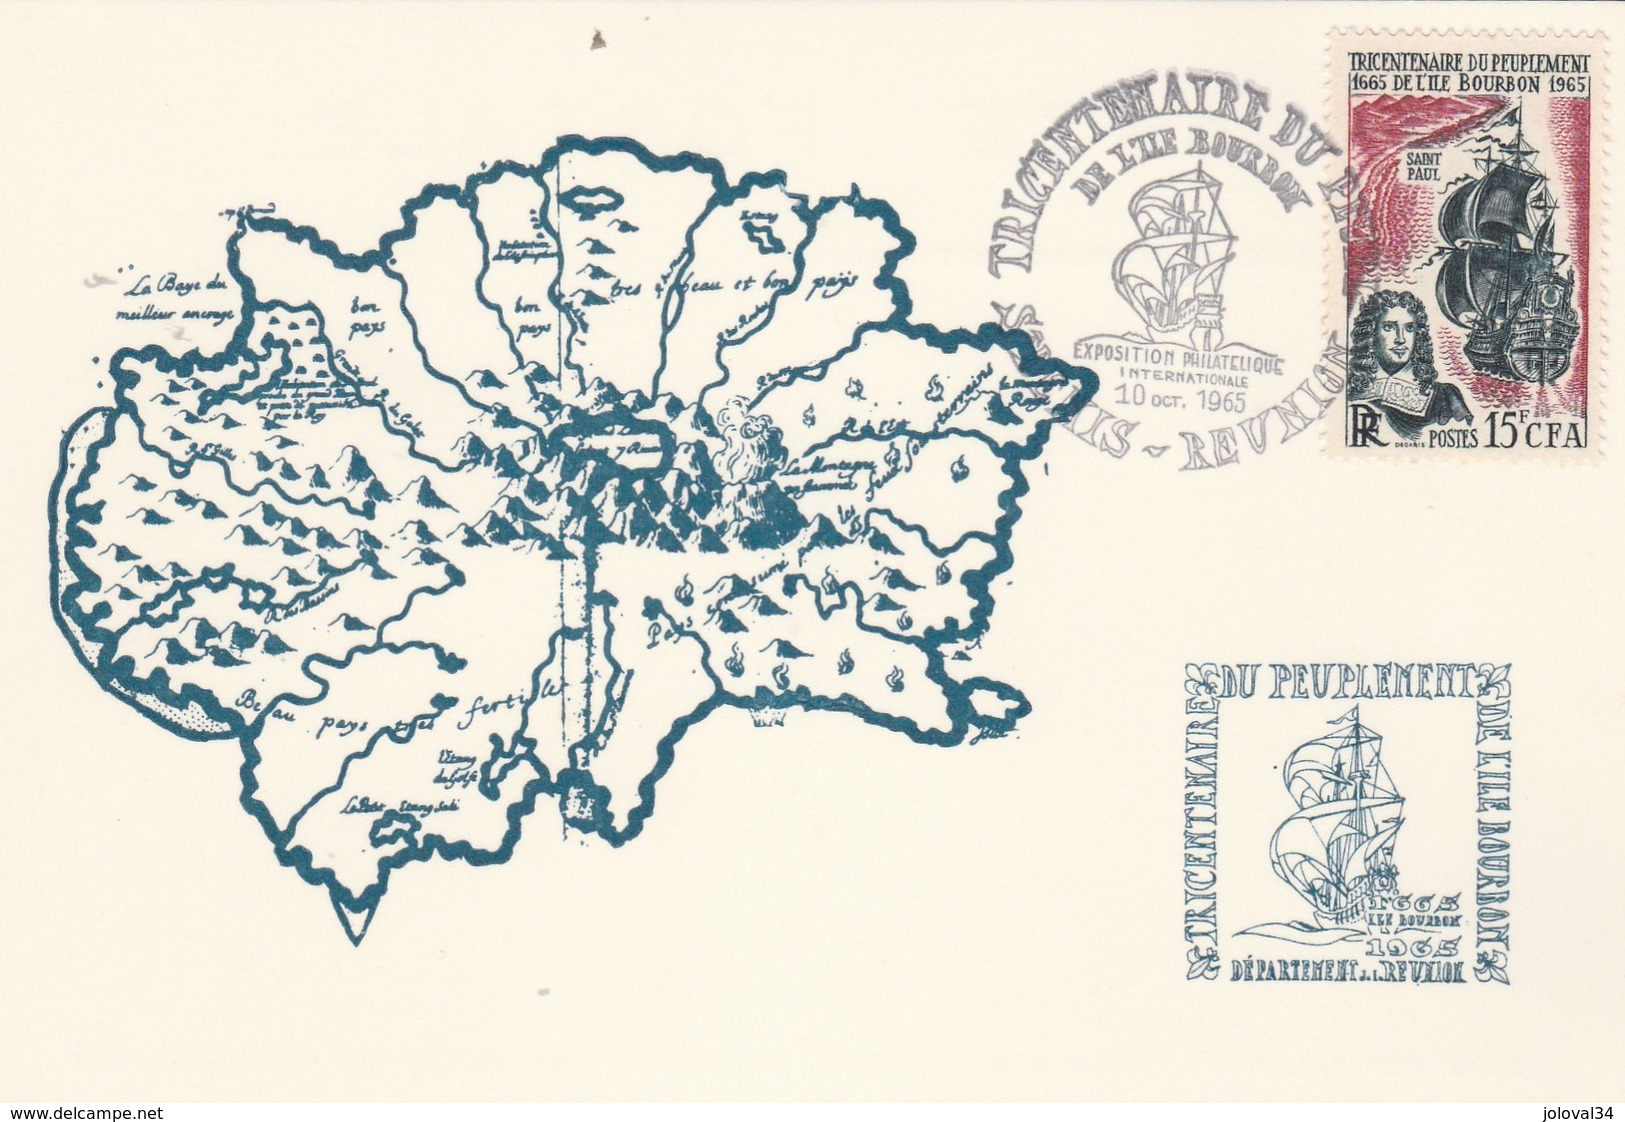 REUNION Carte Maximum Yvert 365 Tricentenaire Peuplement Ile Bourbon 3/10/1965 - Bateau - Illustration 7 - Storia Postale